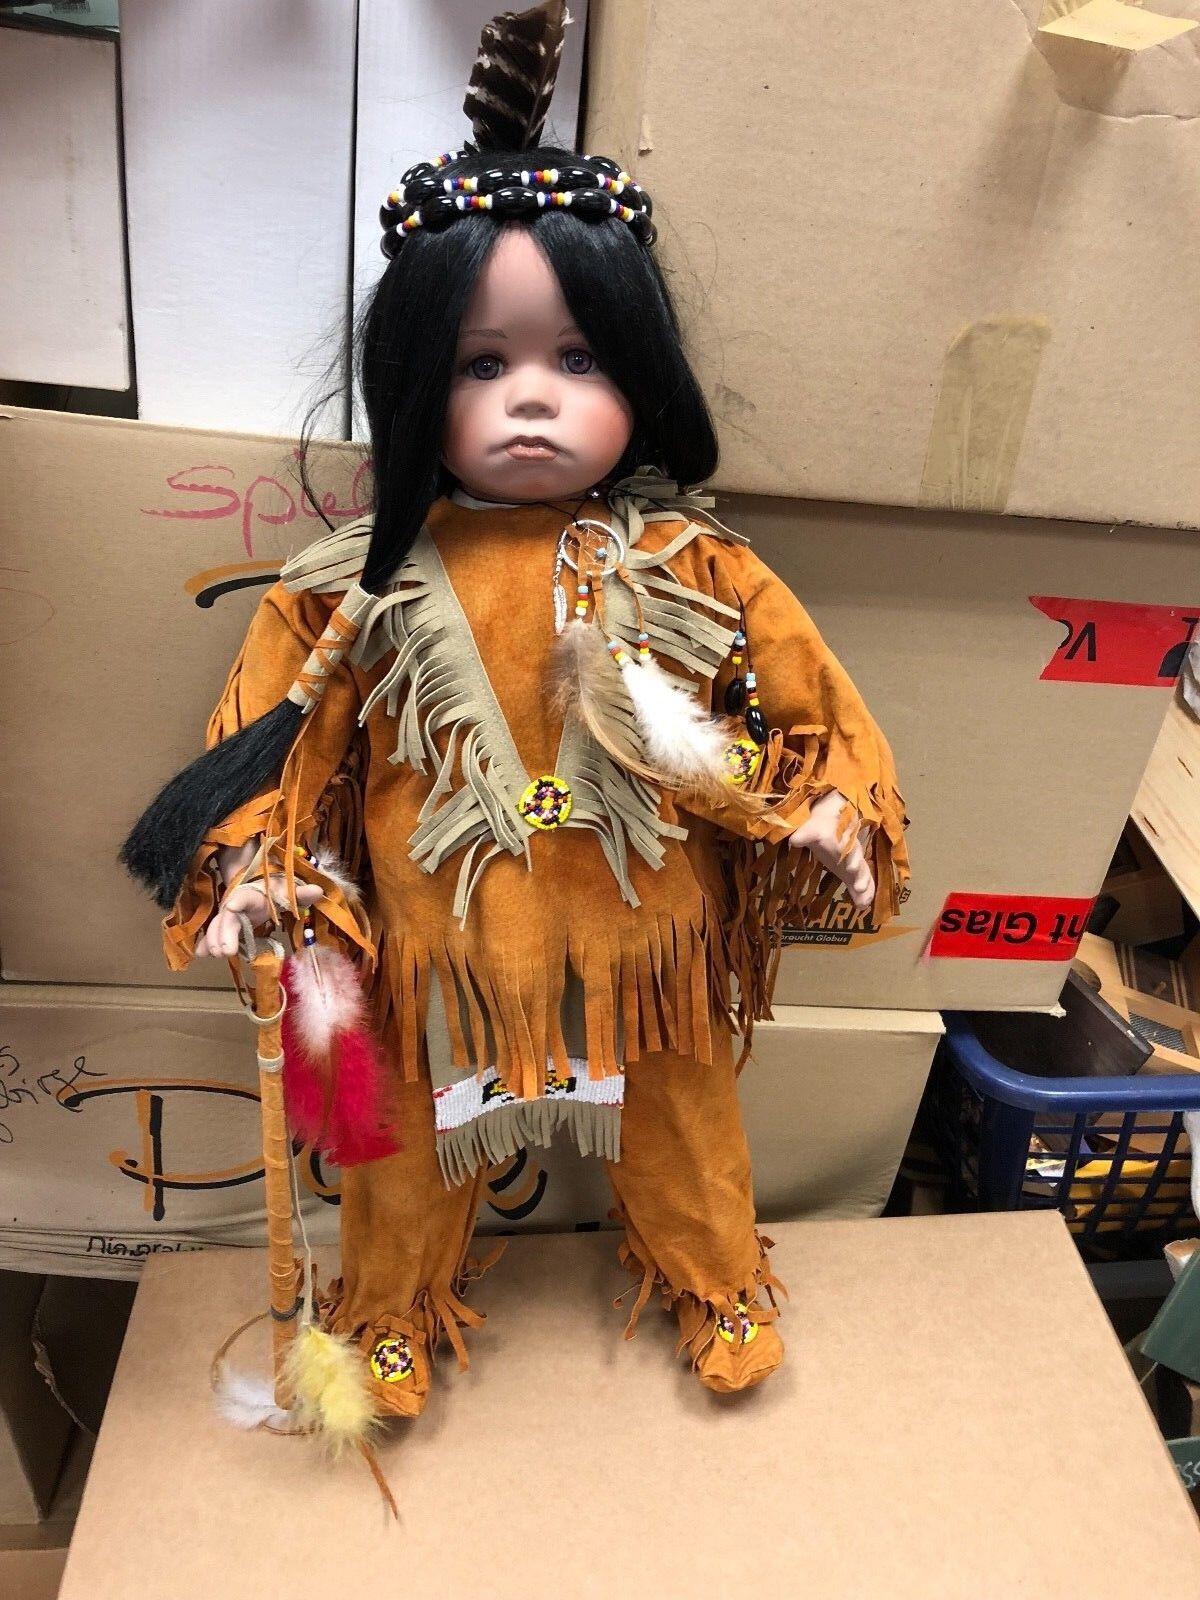 Artista muñeca ⭐️⭐️ porcelana muñeca 62 cm. ⭐️⭐️ excelente estado